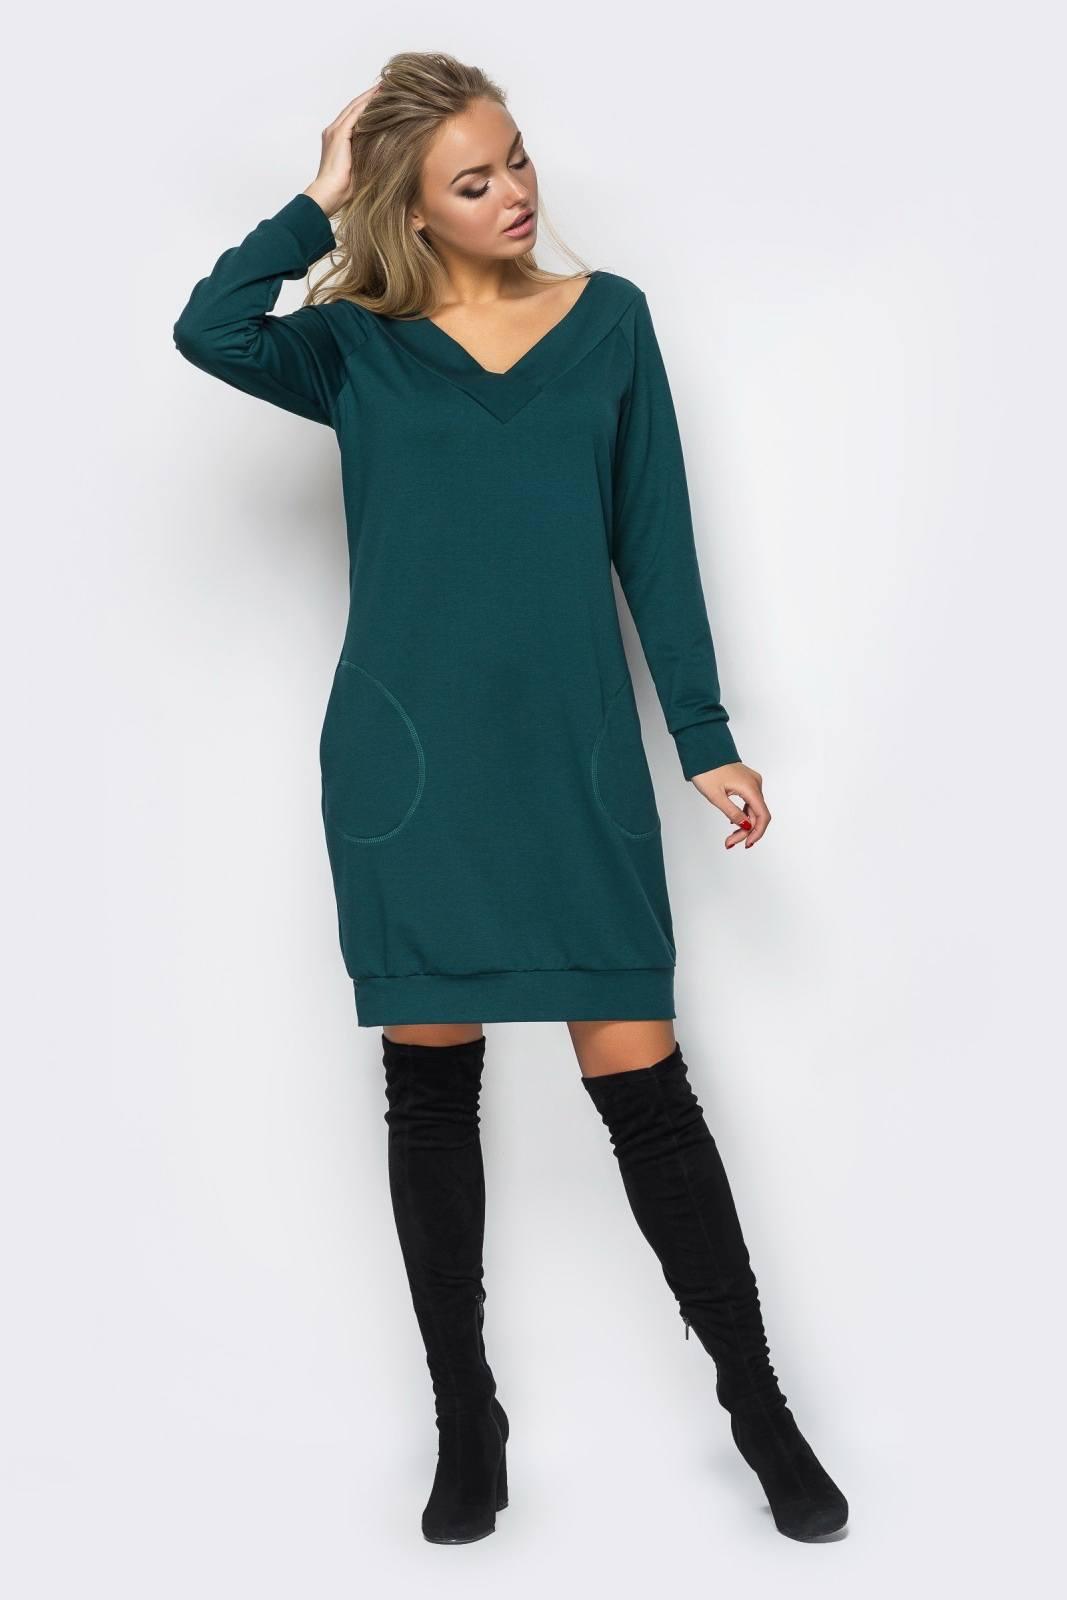 Повседневные трикотажные платья – это модели с контрастным декором в виде  полос, цветочных аппликаций, вставок необычного кроя. На женщинах всей  возрастов ... d6c7bd8fdc6